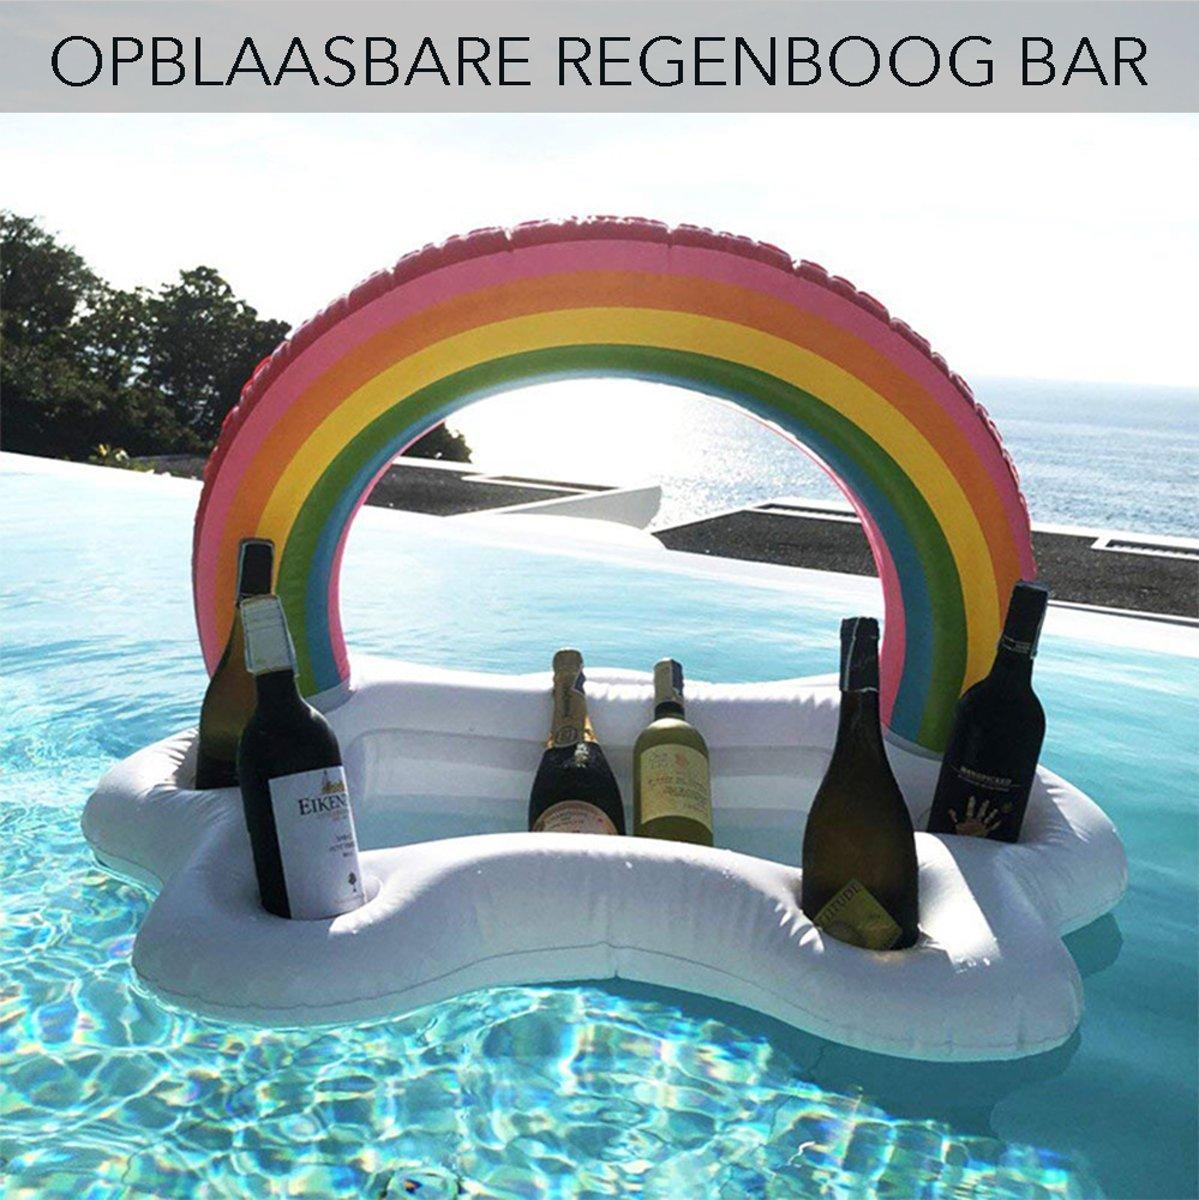 Opblaasbare Regenboog /wolk bar 5 flessenhouder drijvende, Drankhouder met fruit. Beste voor zwembad Party accessoires, zomer  fles houder Water Fun decoraties speelgoed voor kinderen en volwassenen. kopen